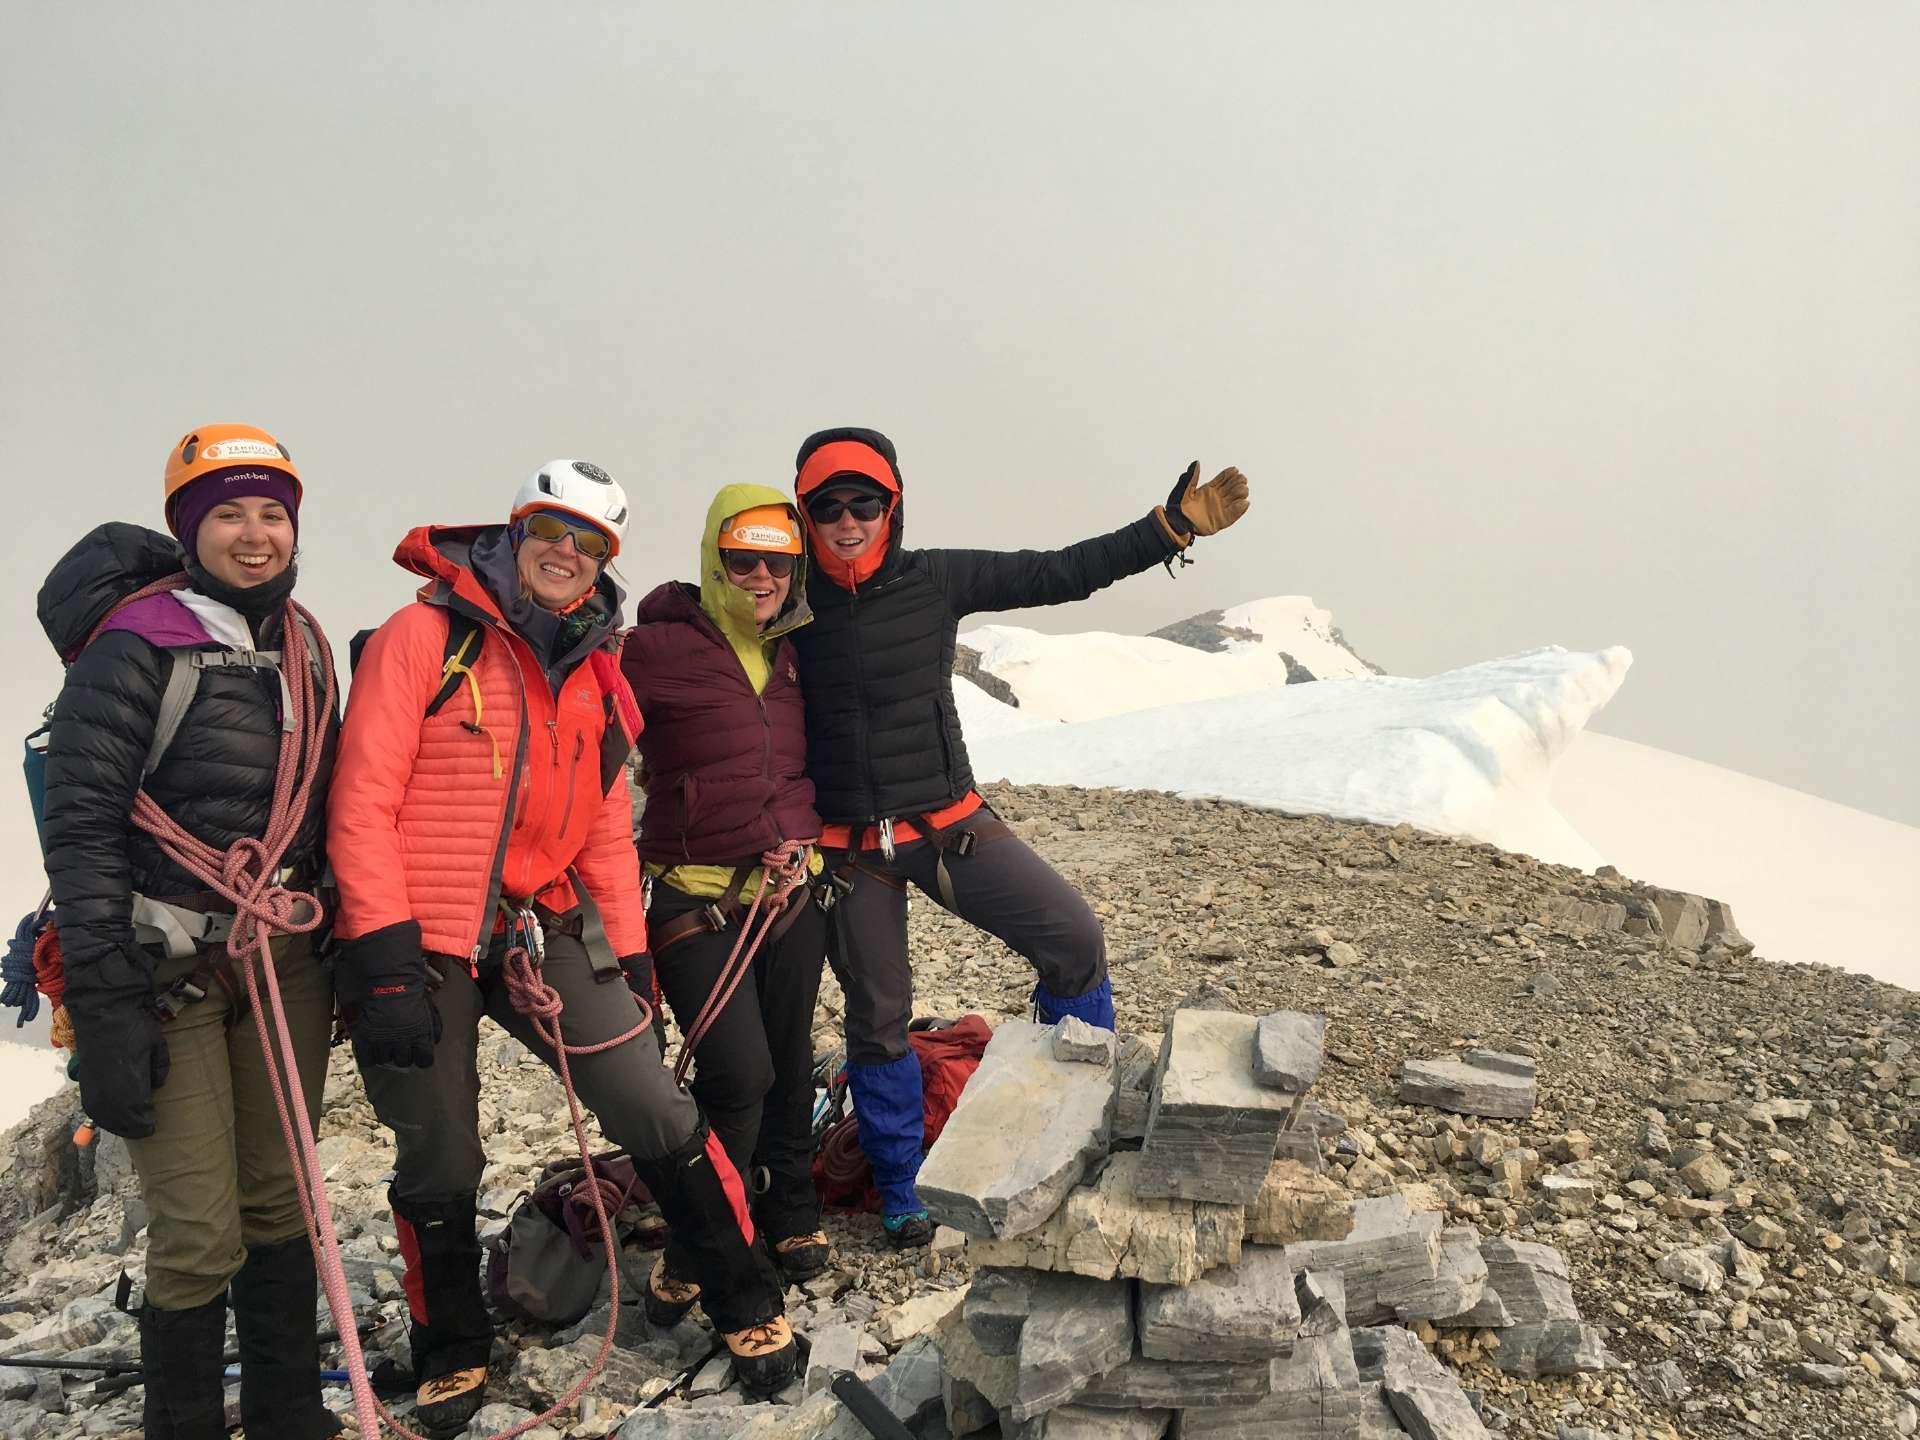 Yamnuska Women's Mountaineering Intro tour